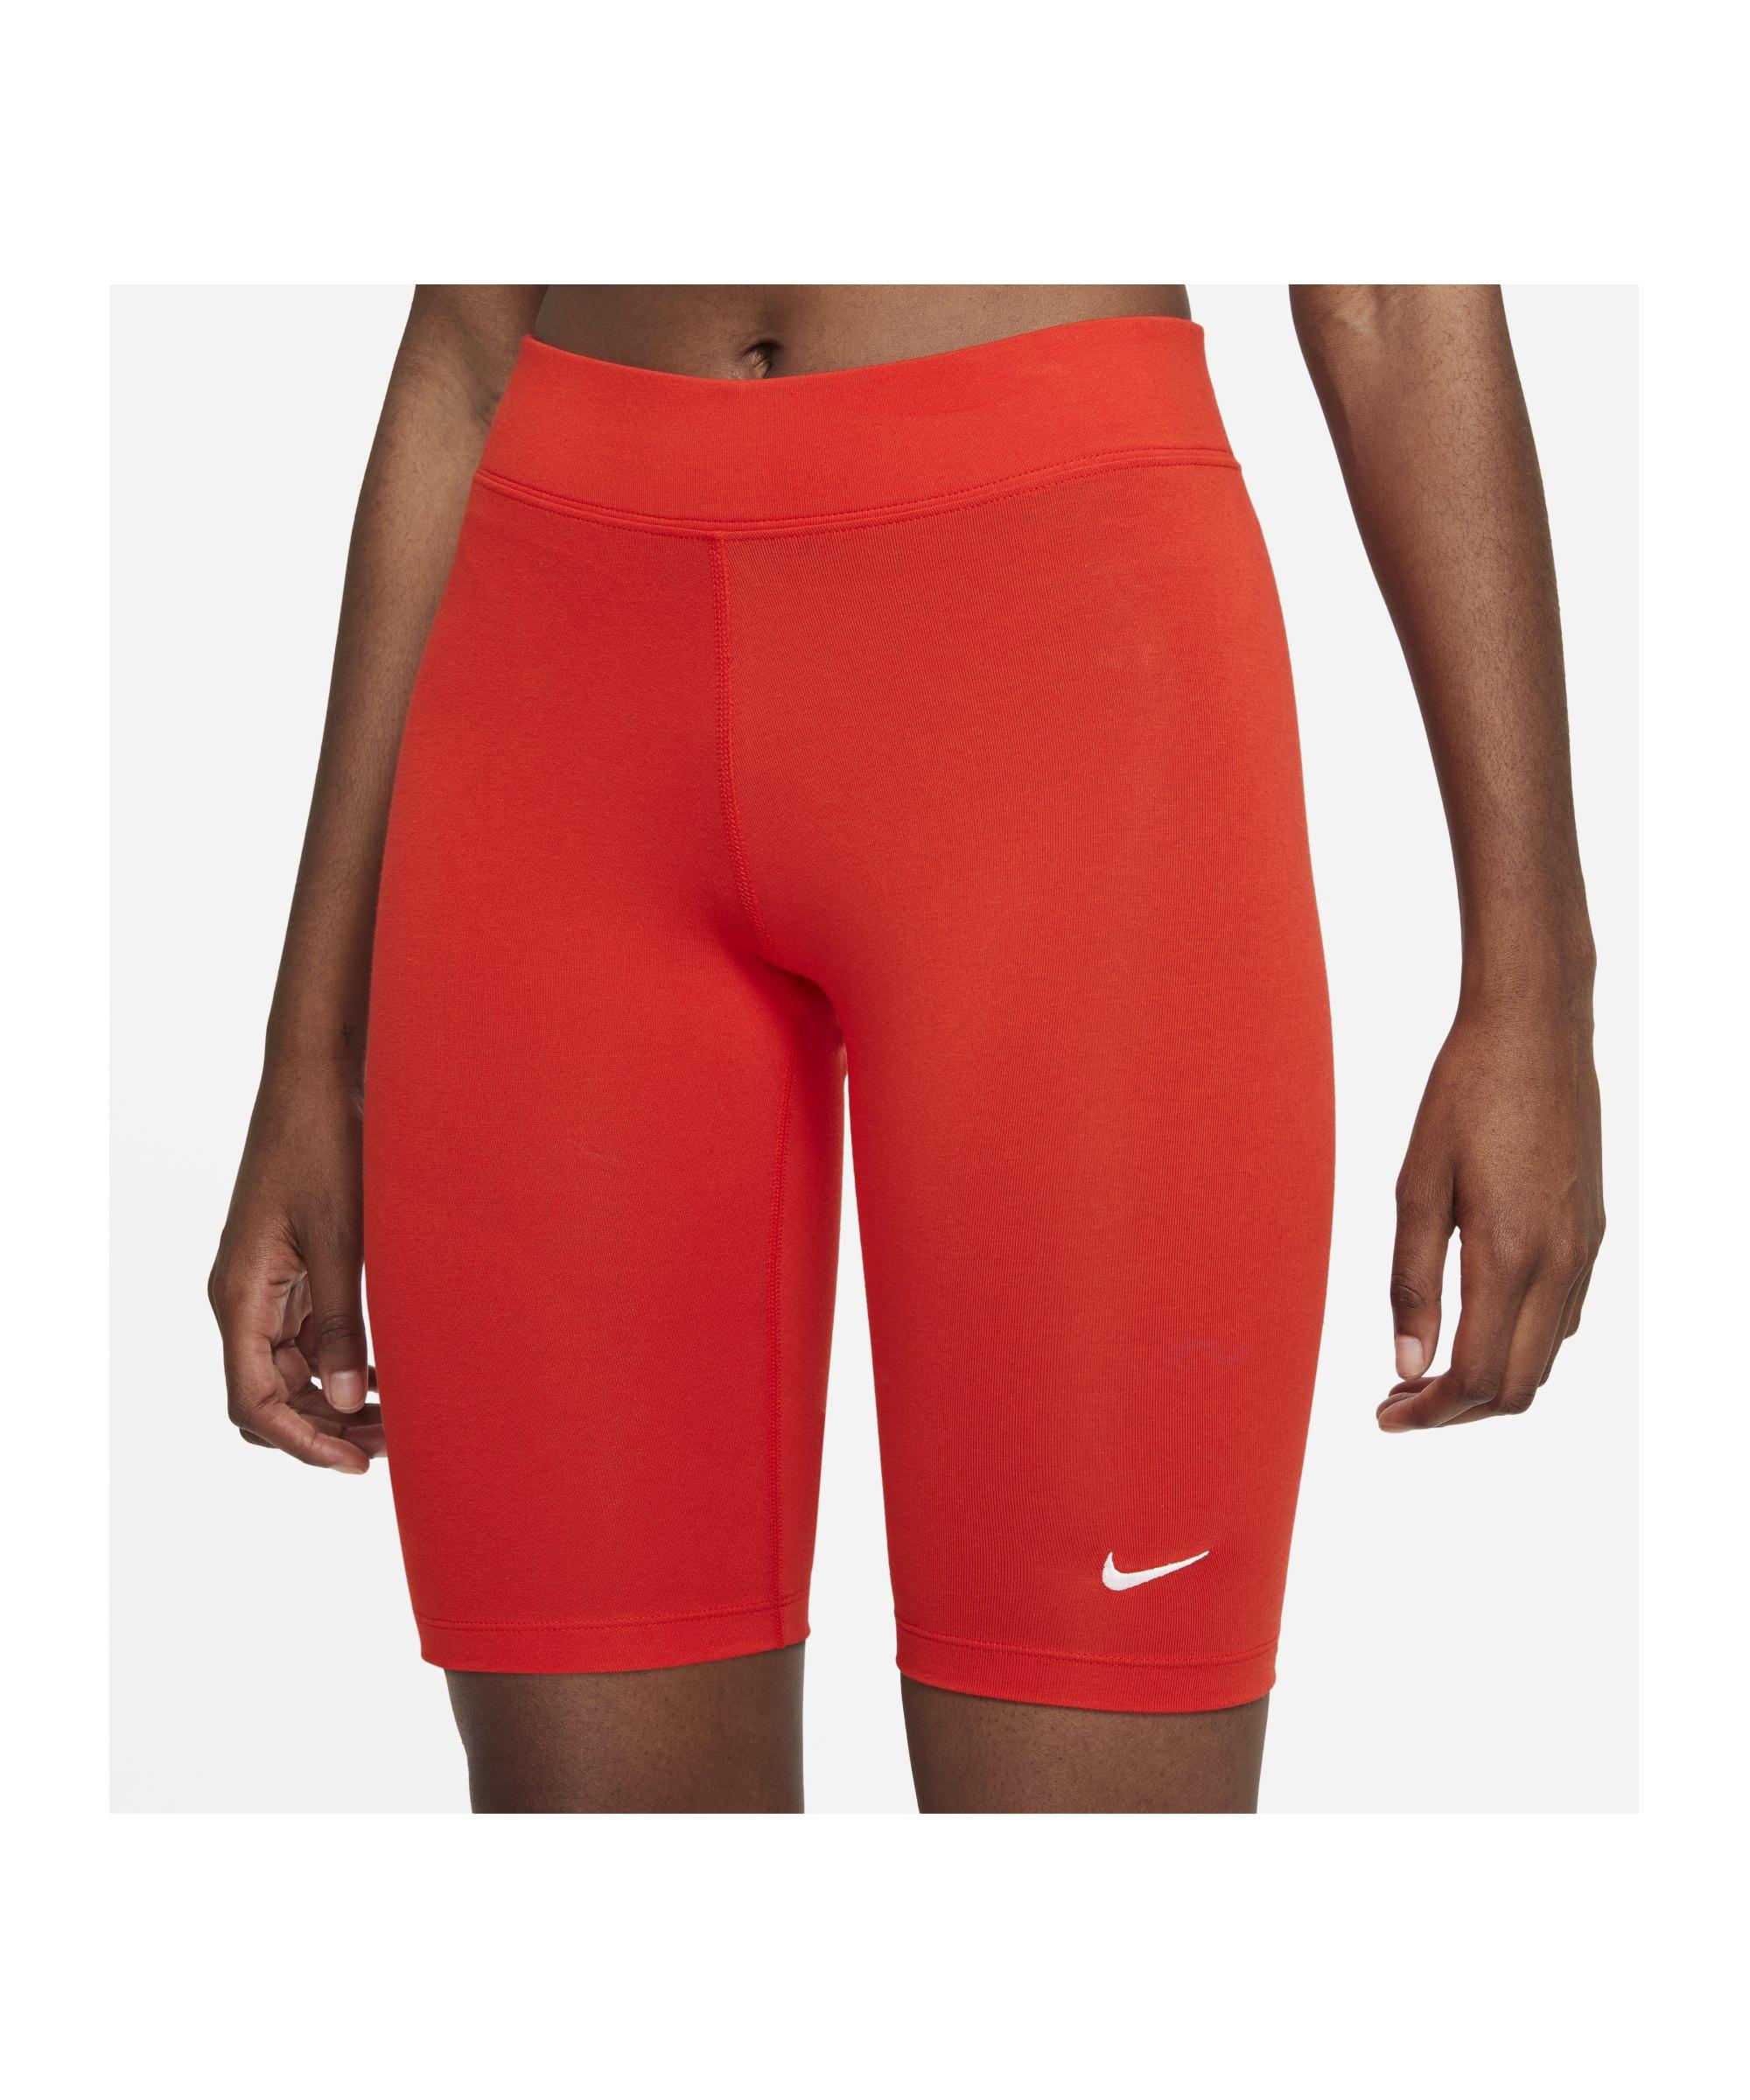 Nike Essentials Bike Short Damen Rot Weiss F673 - rot